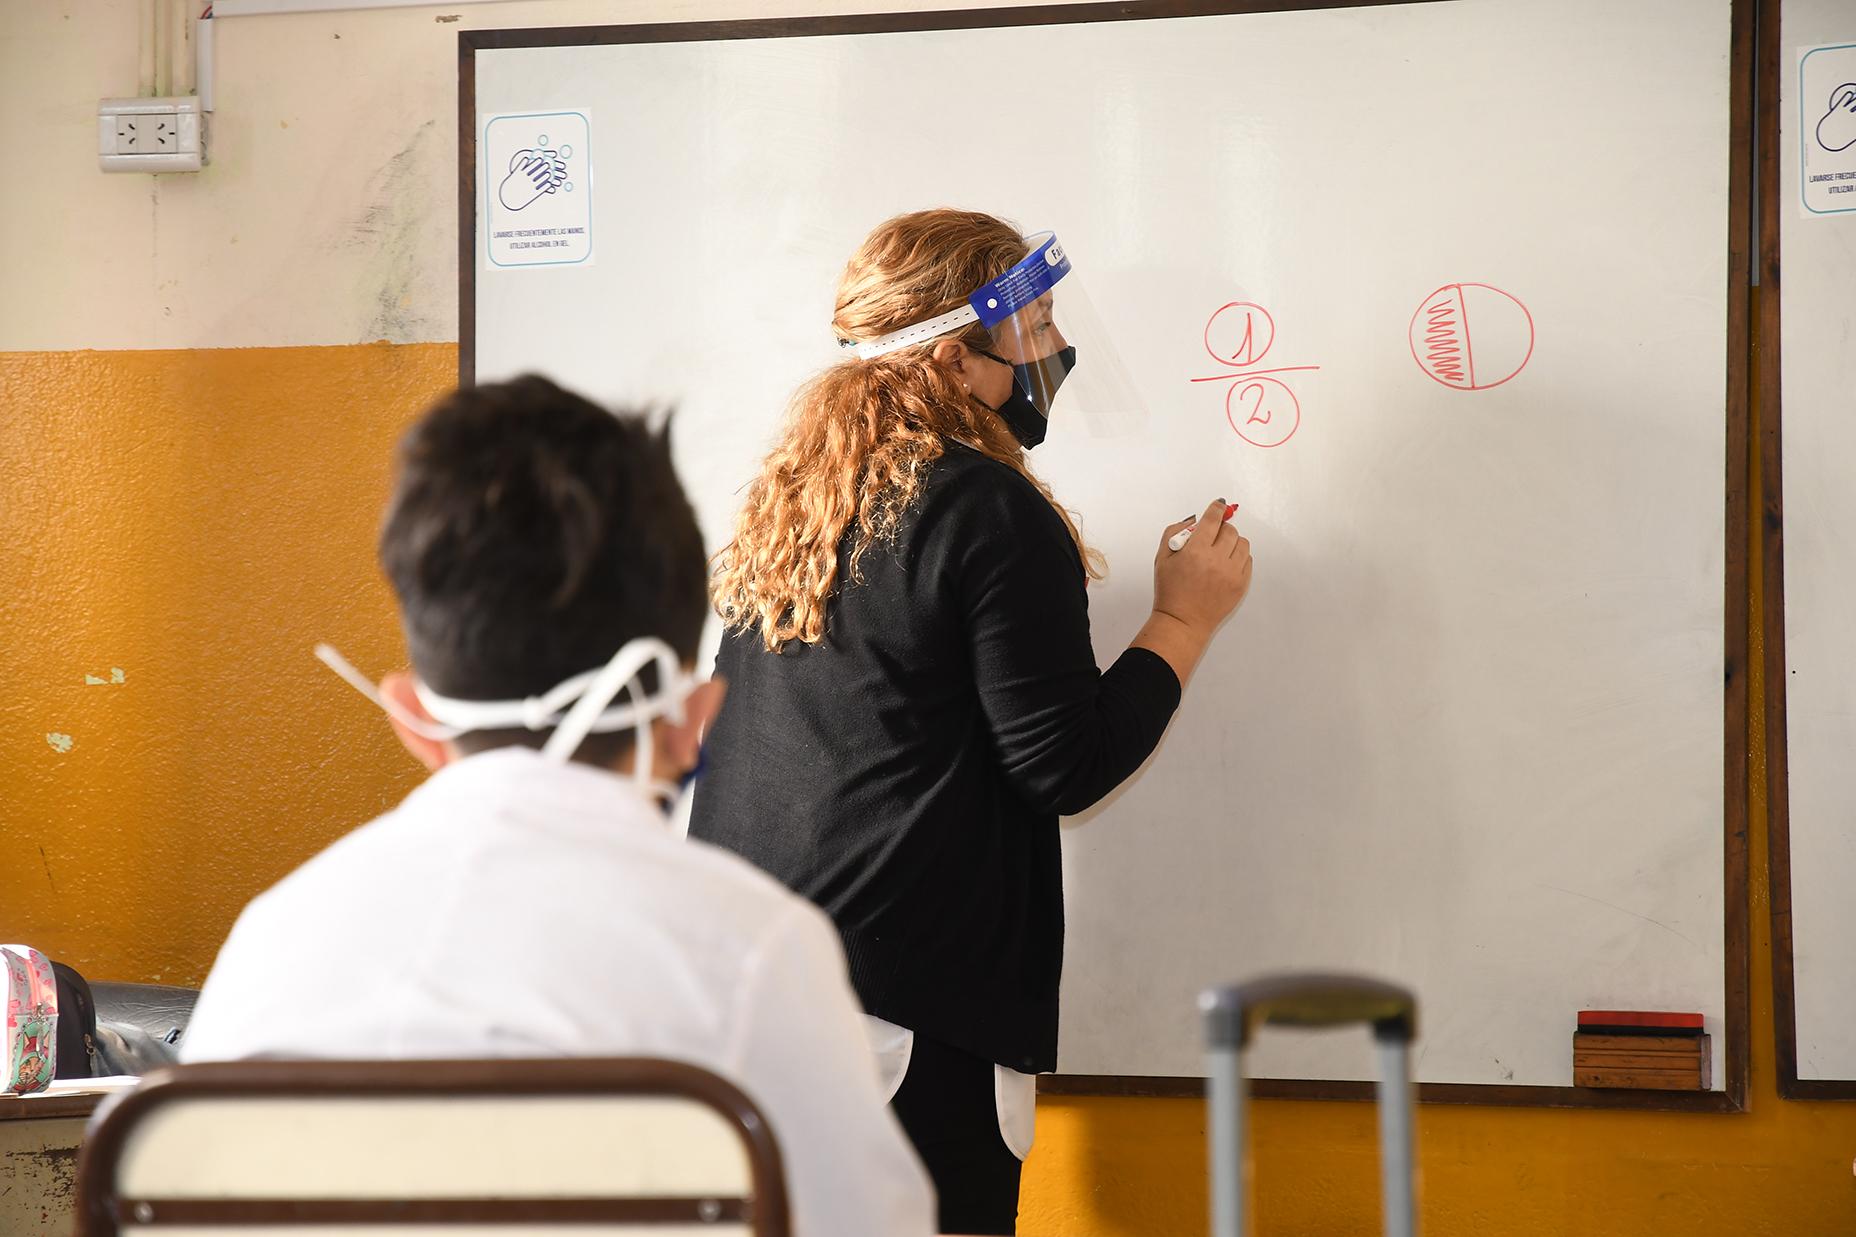 Más de 22.000 alumnos regresaron a las aulas en La Pampa: Se trata del 23% de los estudiantes del sistema educativo provincial